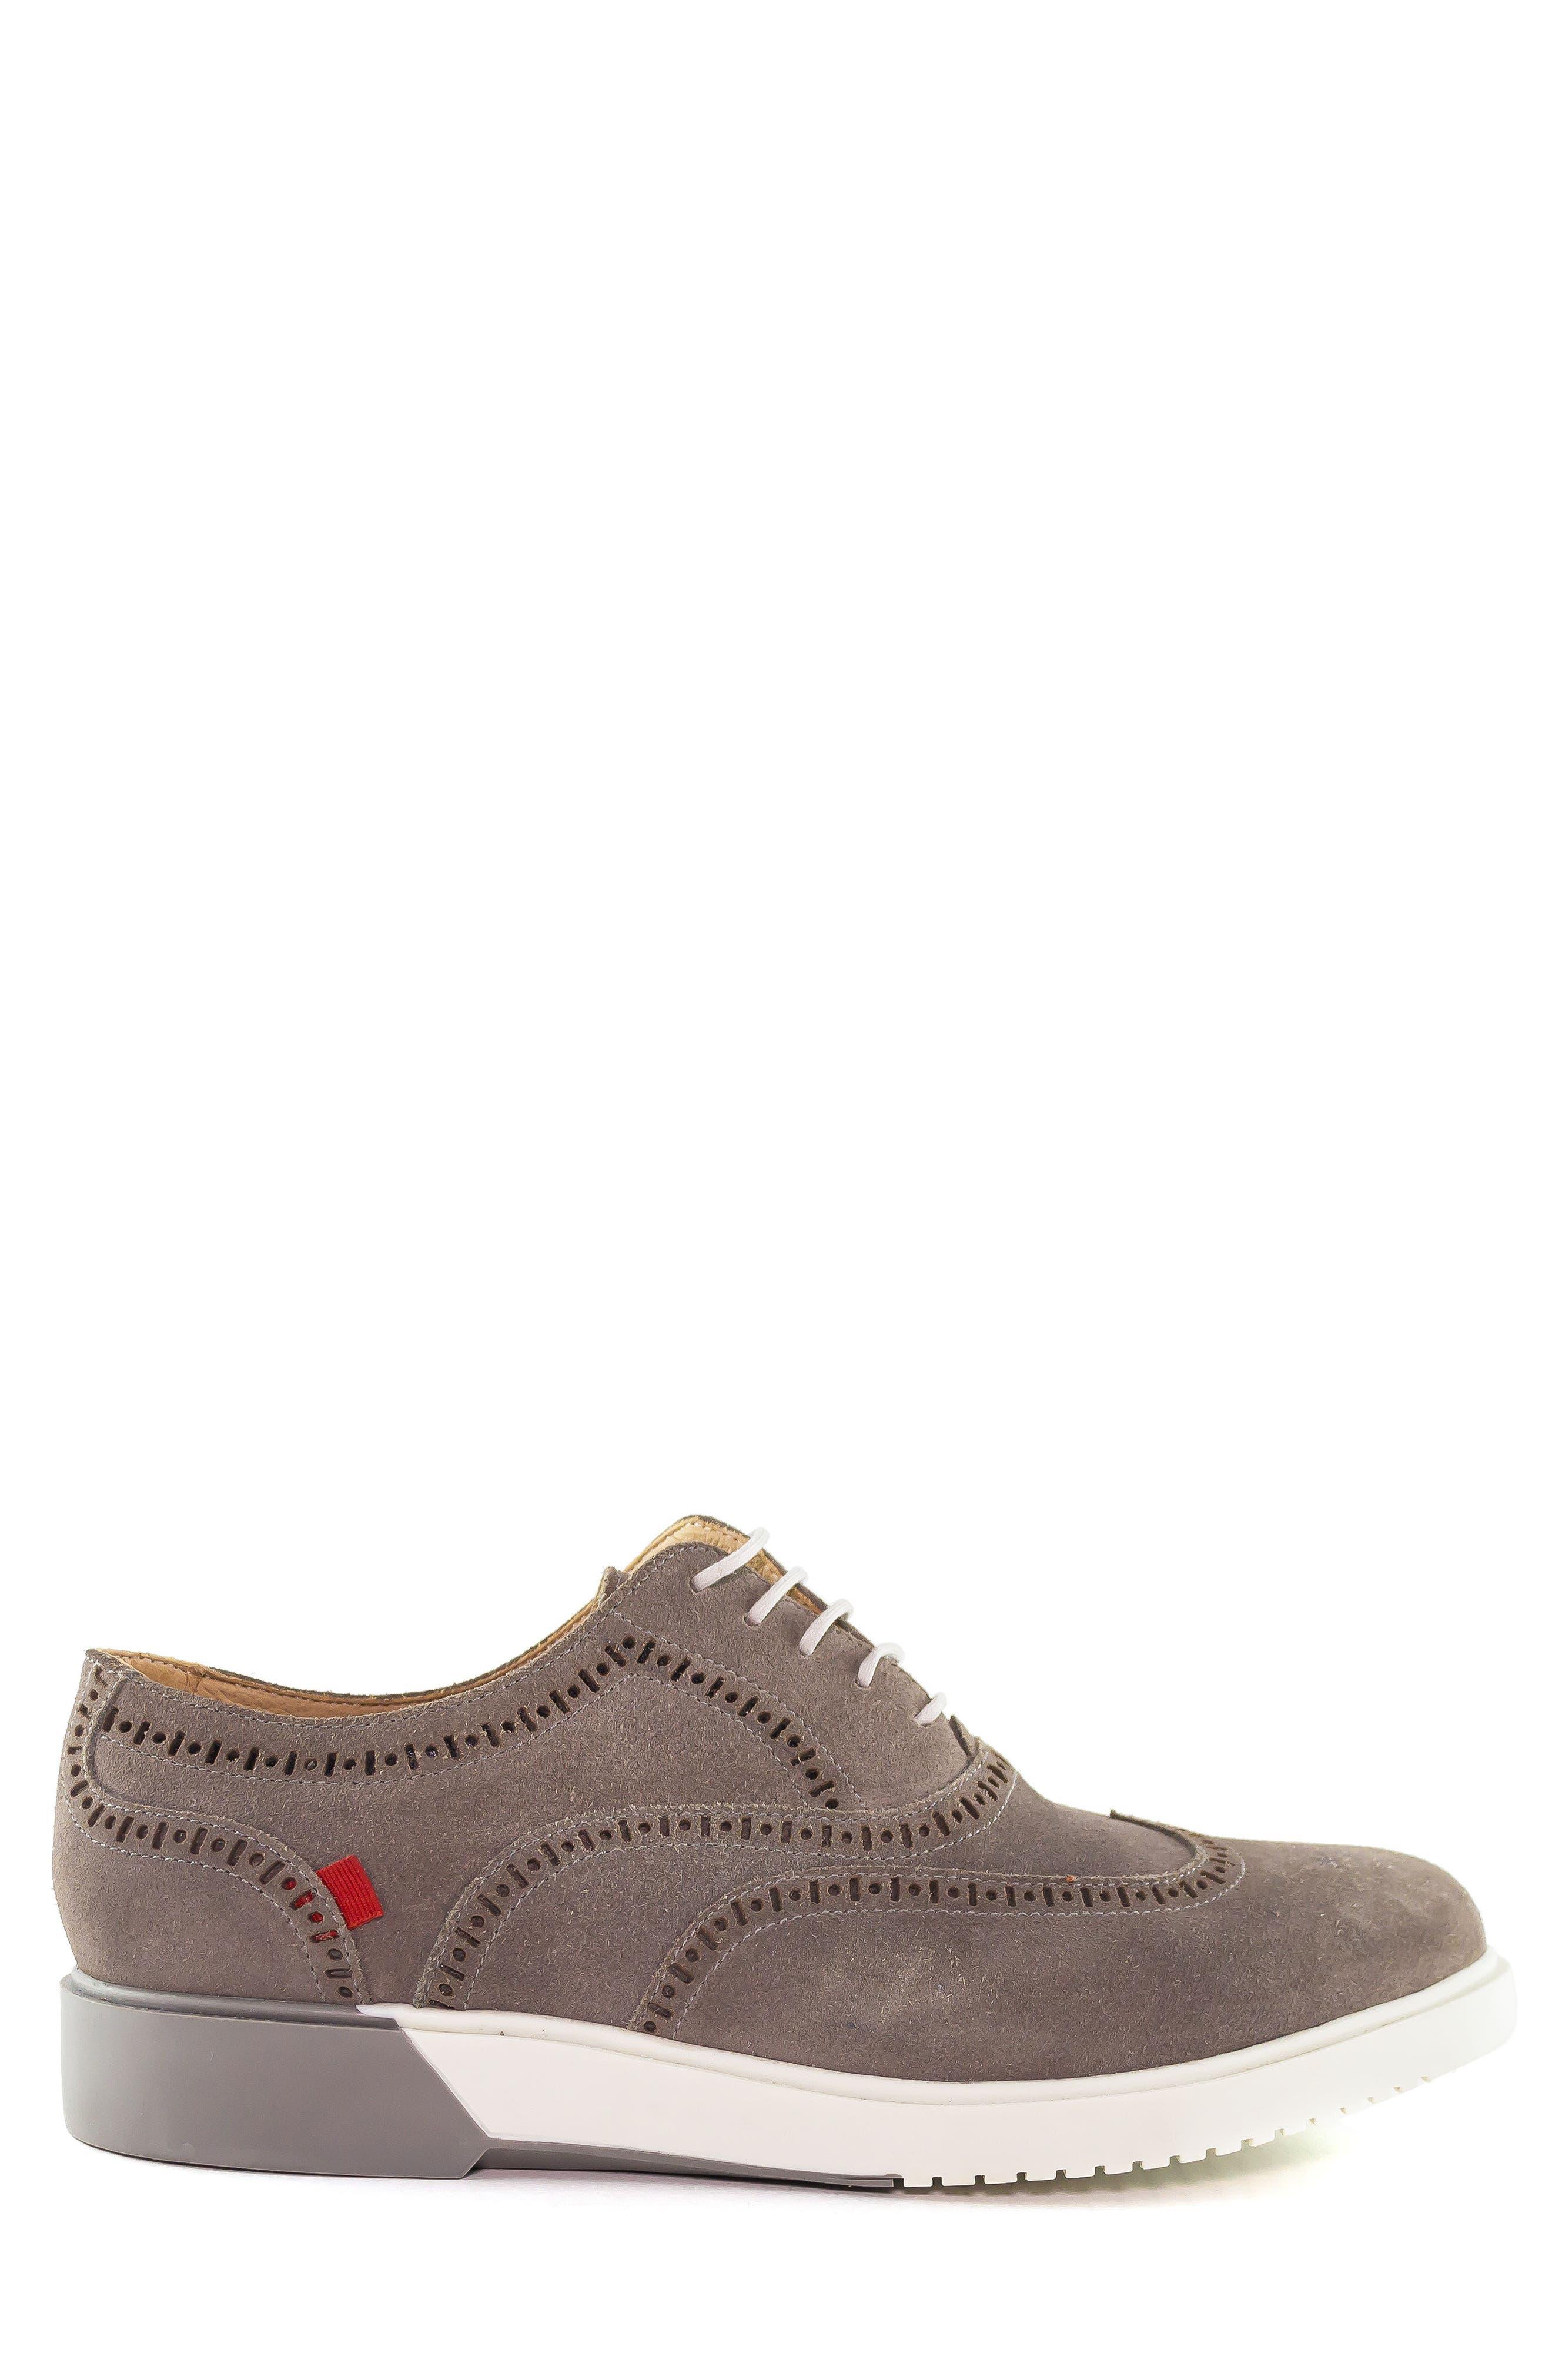 Alternate Image 3  - Marc Joseph New York 5th Ave Wingtip Sneaker (Men)